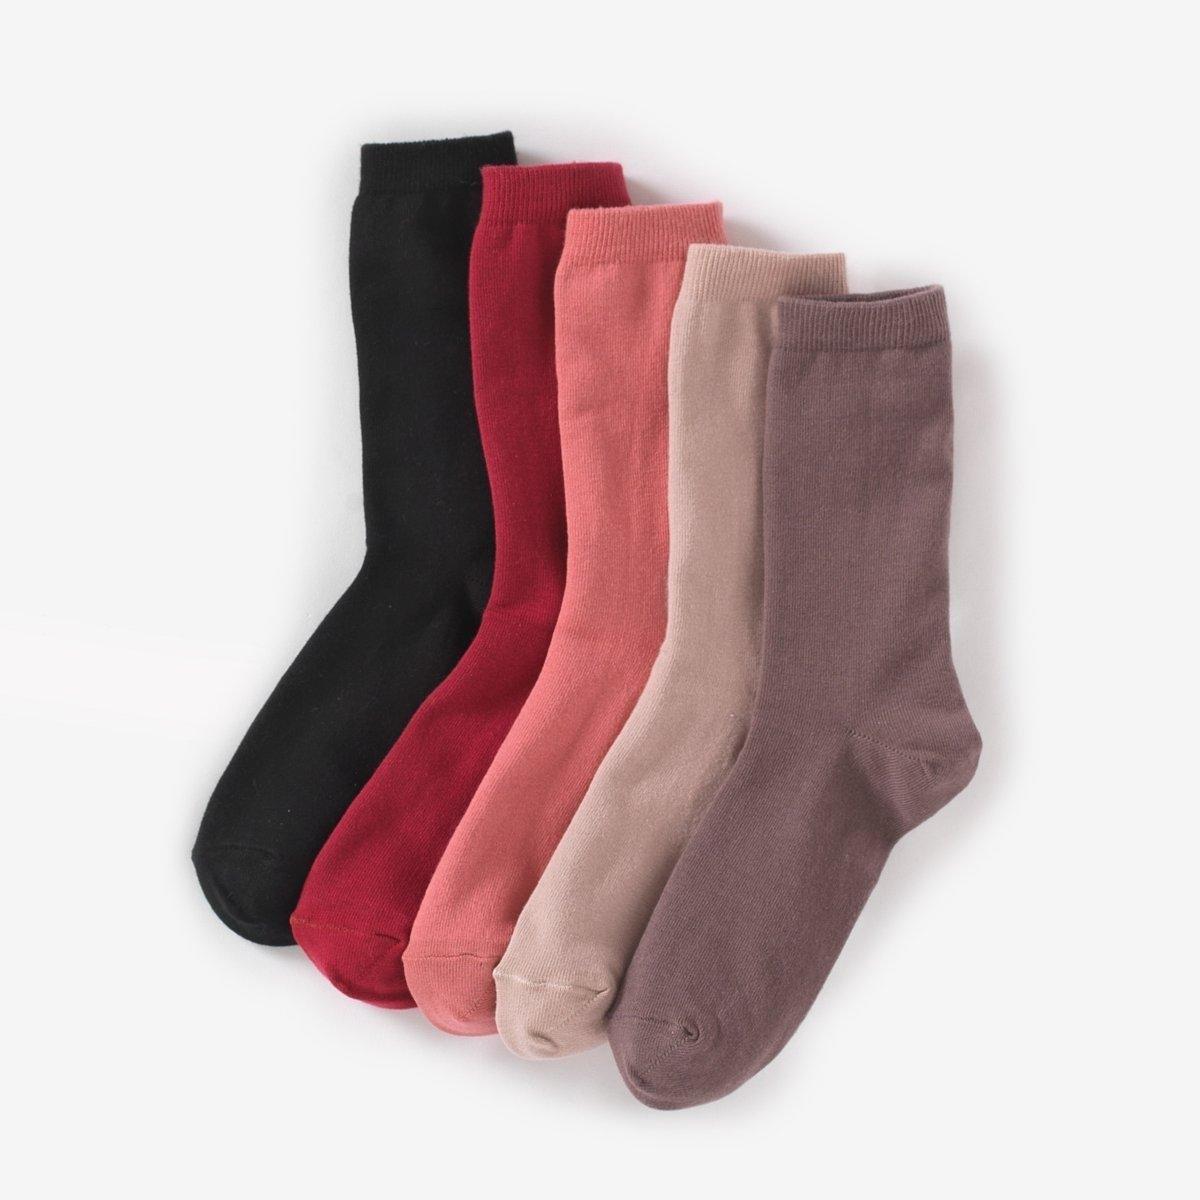 5 пар носков75% хлопка, 25% полиамида.<br><br>Цвет: розовый+ярк.розовый+малин.+серый+черный<br>Размер: 38/41